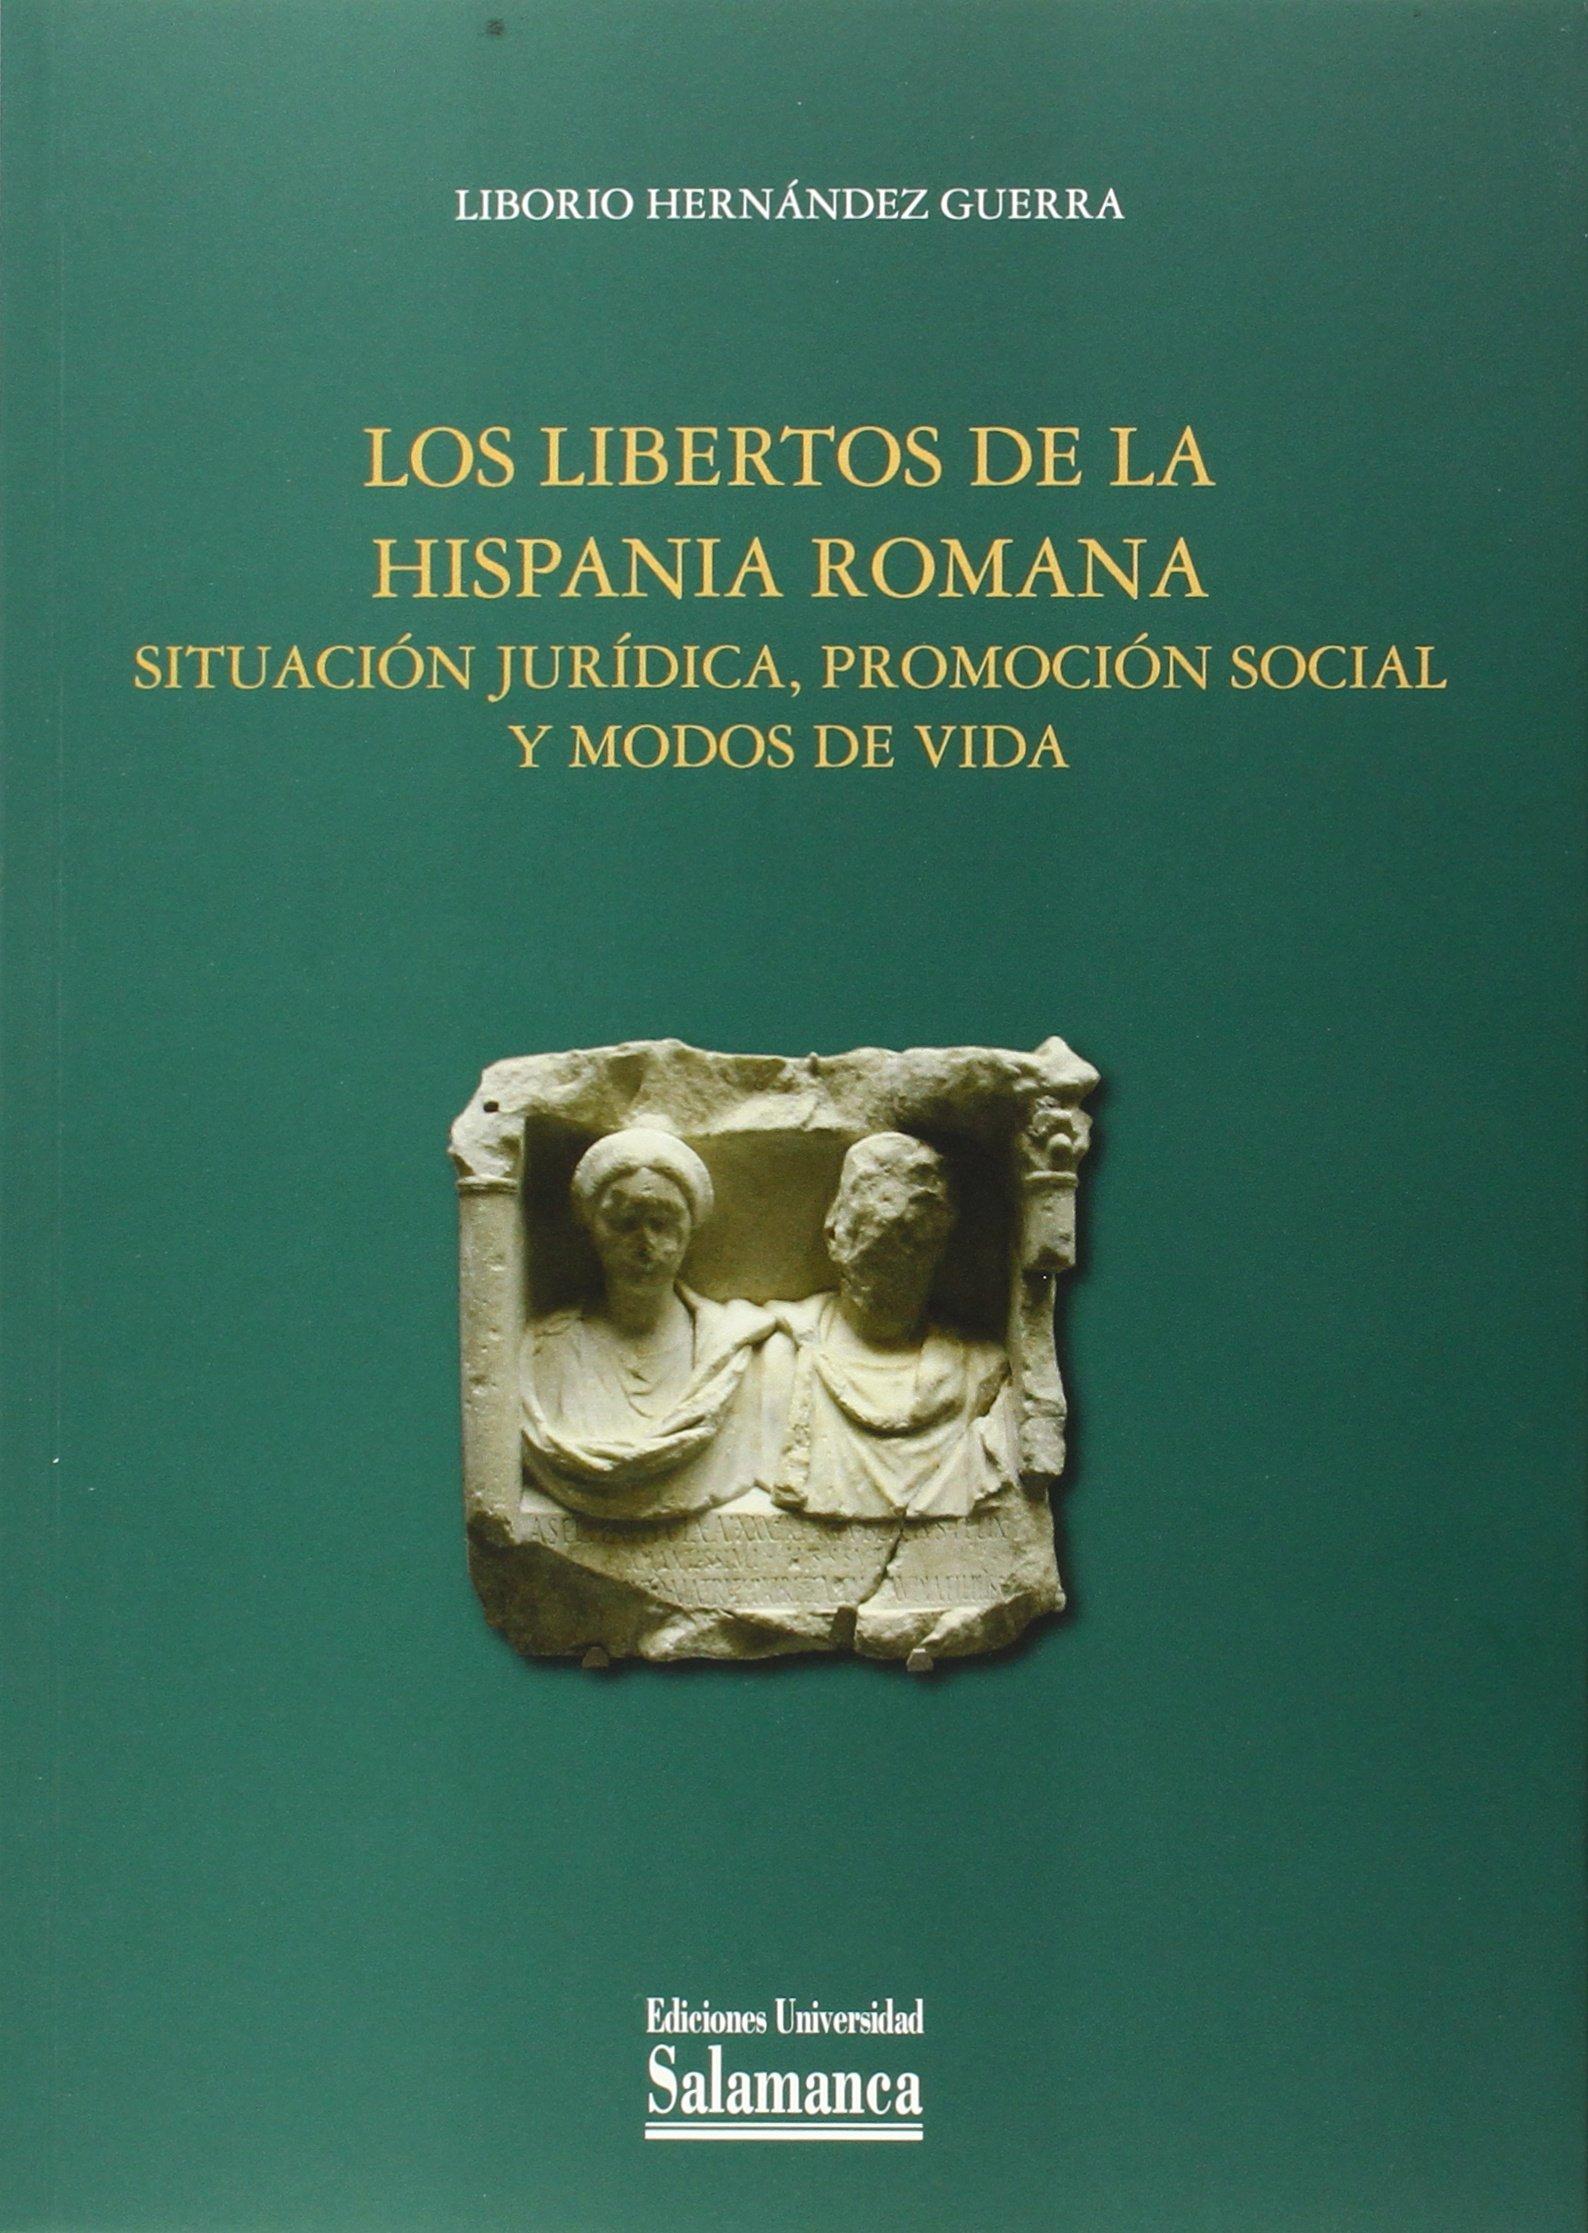 LOS LIBERTOS DE LA HISPANIA ROMANA: SITUACION JURIDICA, PROM: Amazon.es: HERNANDEZ GUERRA, LIBORIO: Libros